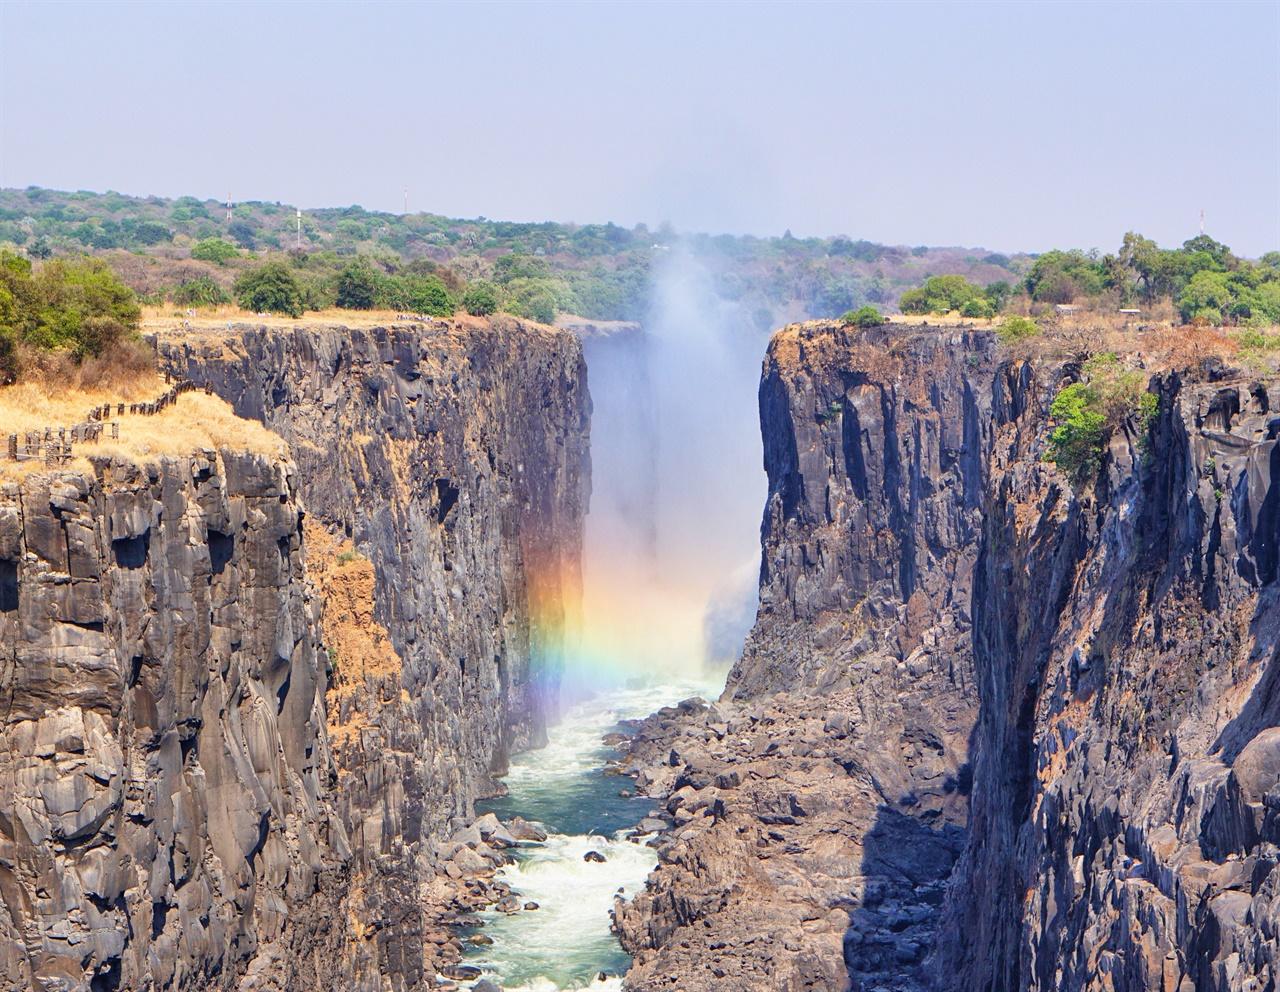 모시오아툰야 폭포  강물이 줄어들어 대부분이 말라버린 모시오아툰야 폭포 잠비아 쪽 모습. 멀리 보이는 마르지 않은 폭포에 가려면 비자 비용을 내고 짐바브웨 국경을 넘어야 한다.